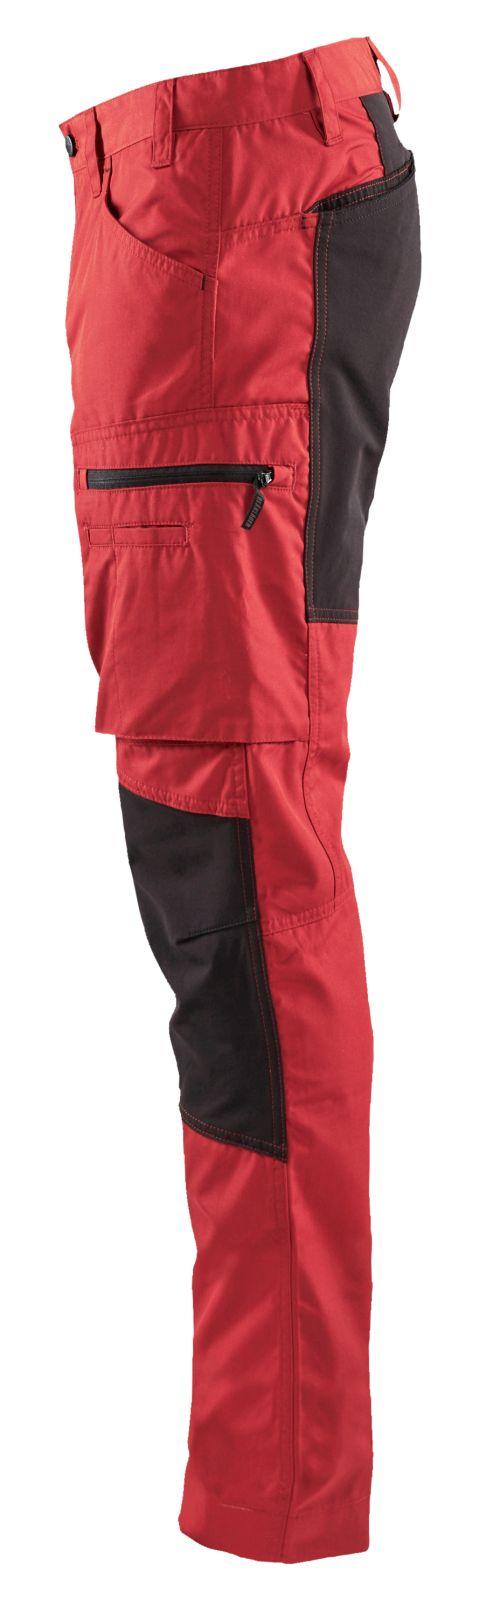 Blaklader Broeken 14591845 met Stretch rood-zwart(5699)